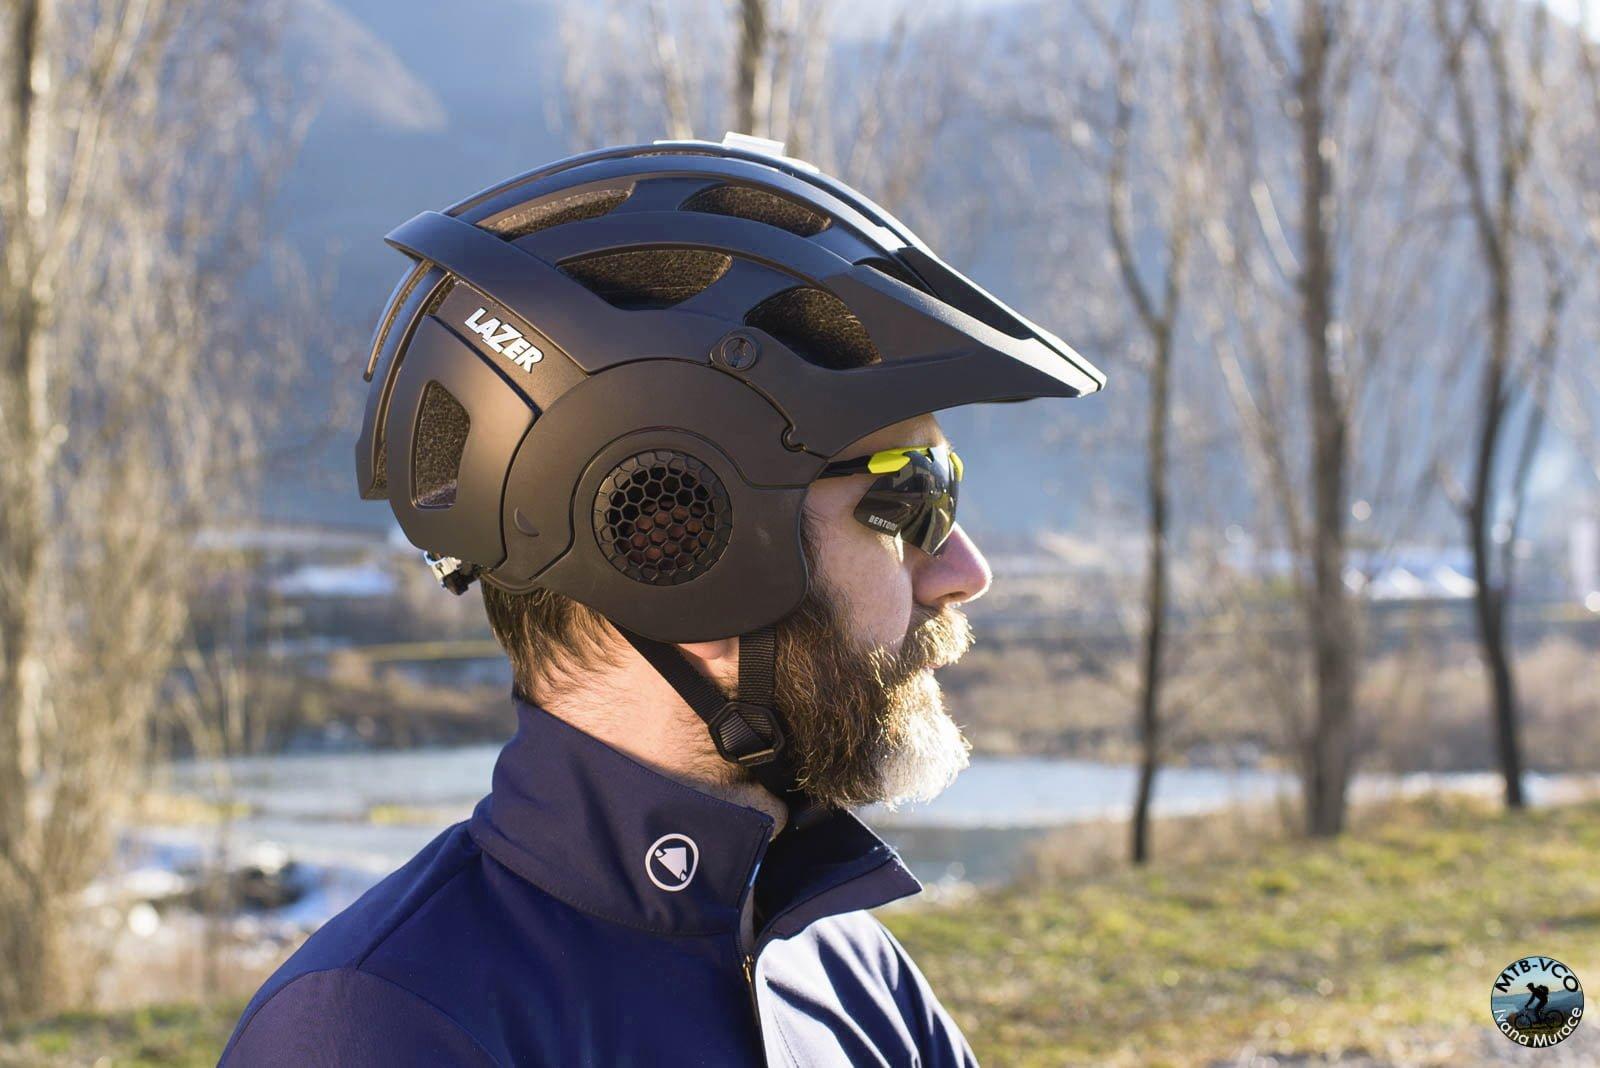 Lixada Berretto Sottocasco da Uomo Antivento con Paraorecchie e Asole per Gli Occhiali Beanie Fodera per Casco da Bici Copricapo Invernale for per Il Ciclismo Motociclismo in Esecuzione Sciare